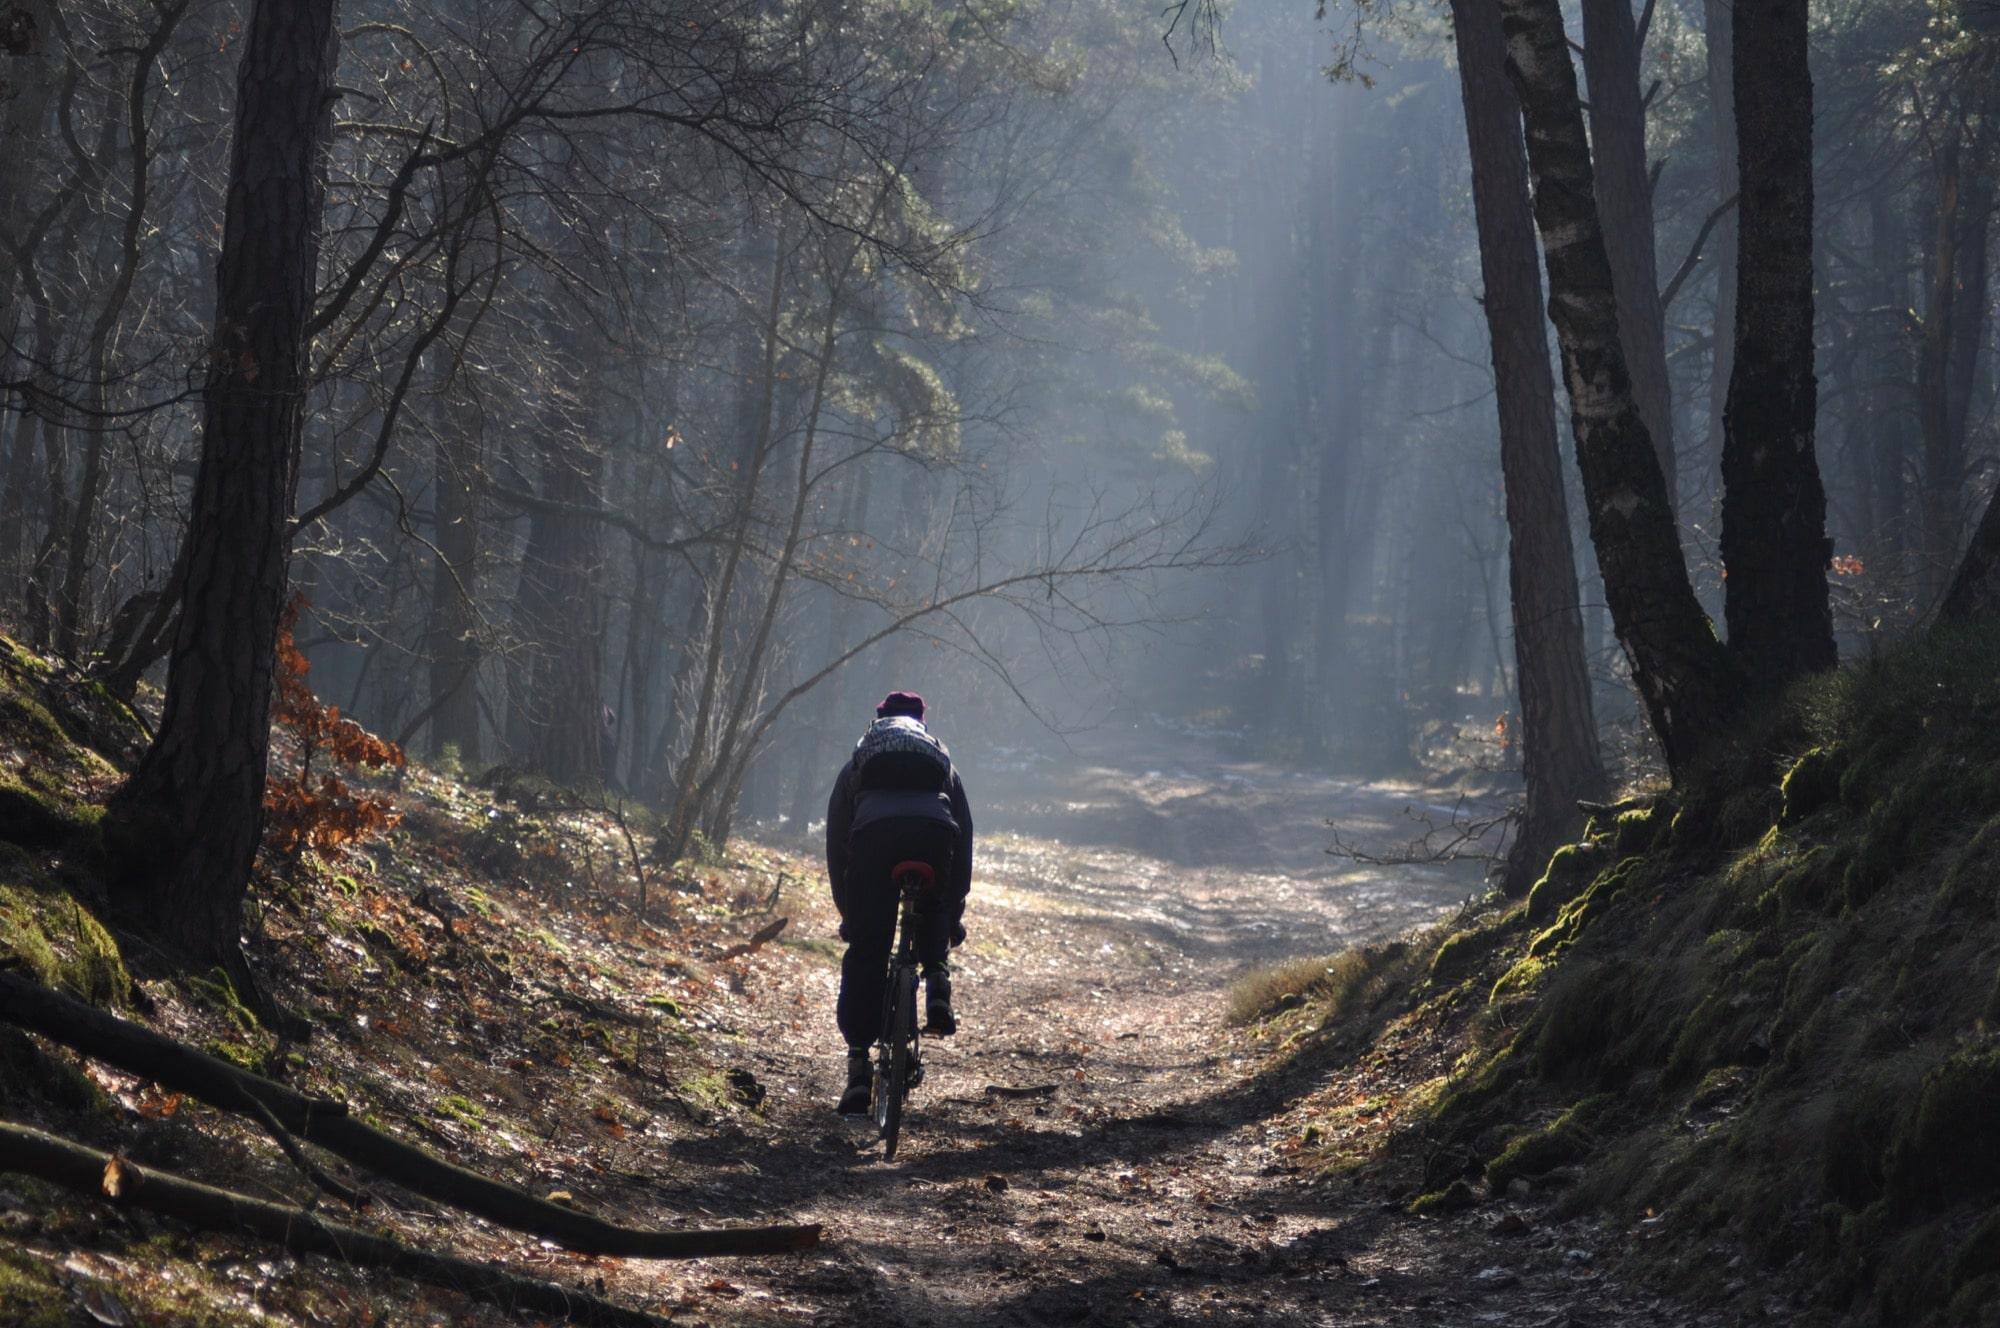 Mapy rowerowe szlaków turystycznych w Kampinosie. Najlepsze bazy wypadowe w okolicy Warszawy: Izabelin, Dziekanów Leśny, Leszno, Leoncin, Granica, Żelazowa Wola, Nowe Mostki